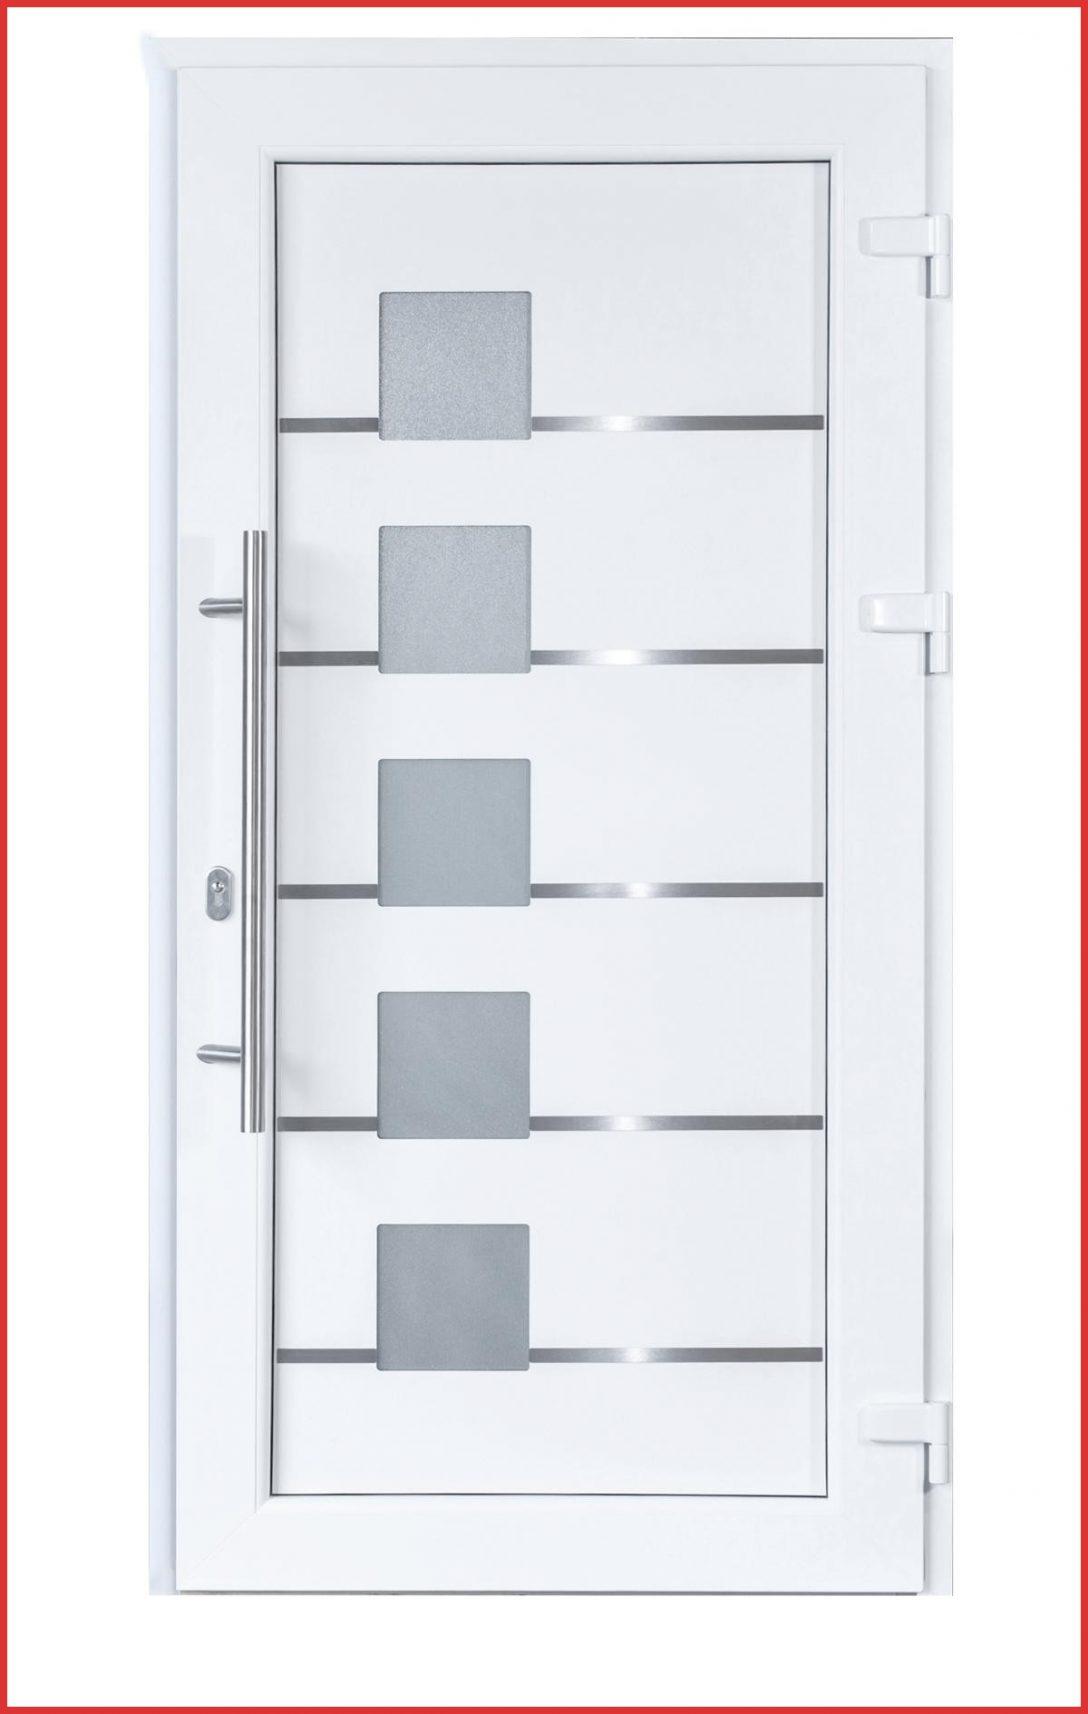 Large Size of Fenster Welten Gmbh Frankfurt Oder Fensterwelten Polnische 24 Erfahrungen Konfigurator Channel Fenster Welten Gmbh (oder) Bei Channel21 Bewertung Kaufen In Fenster Fenster Welten